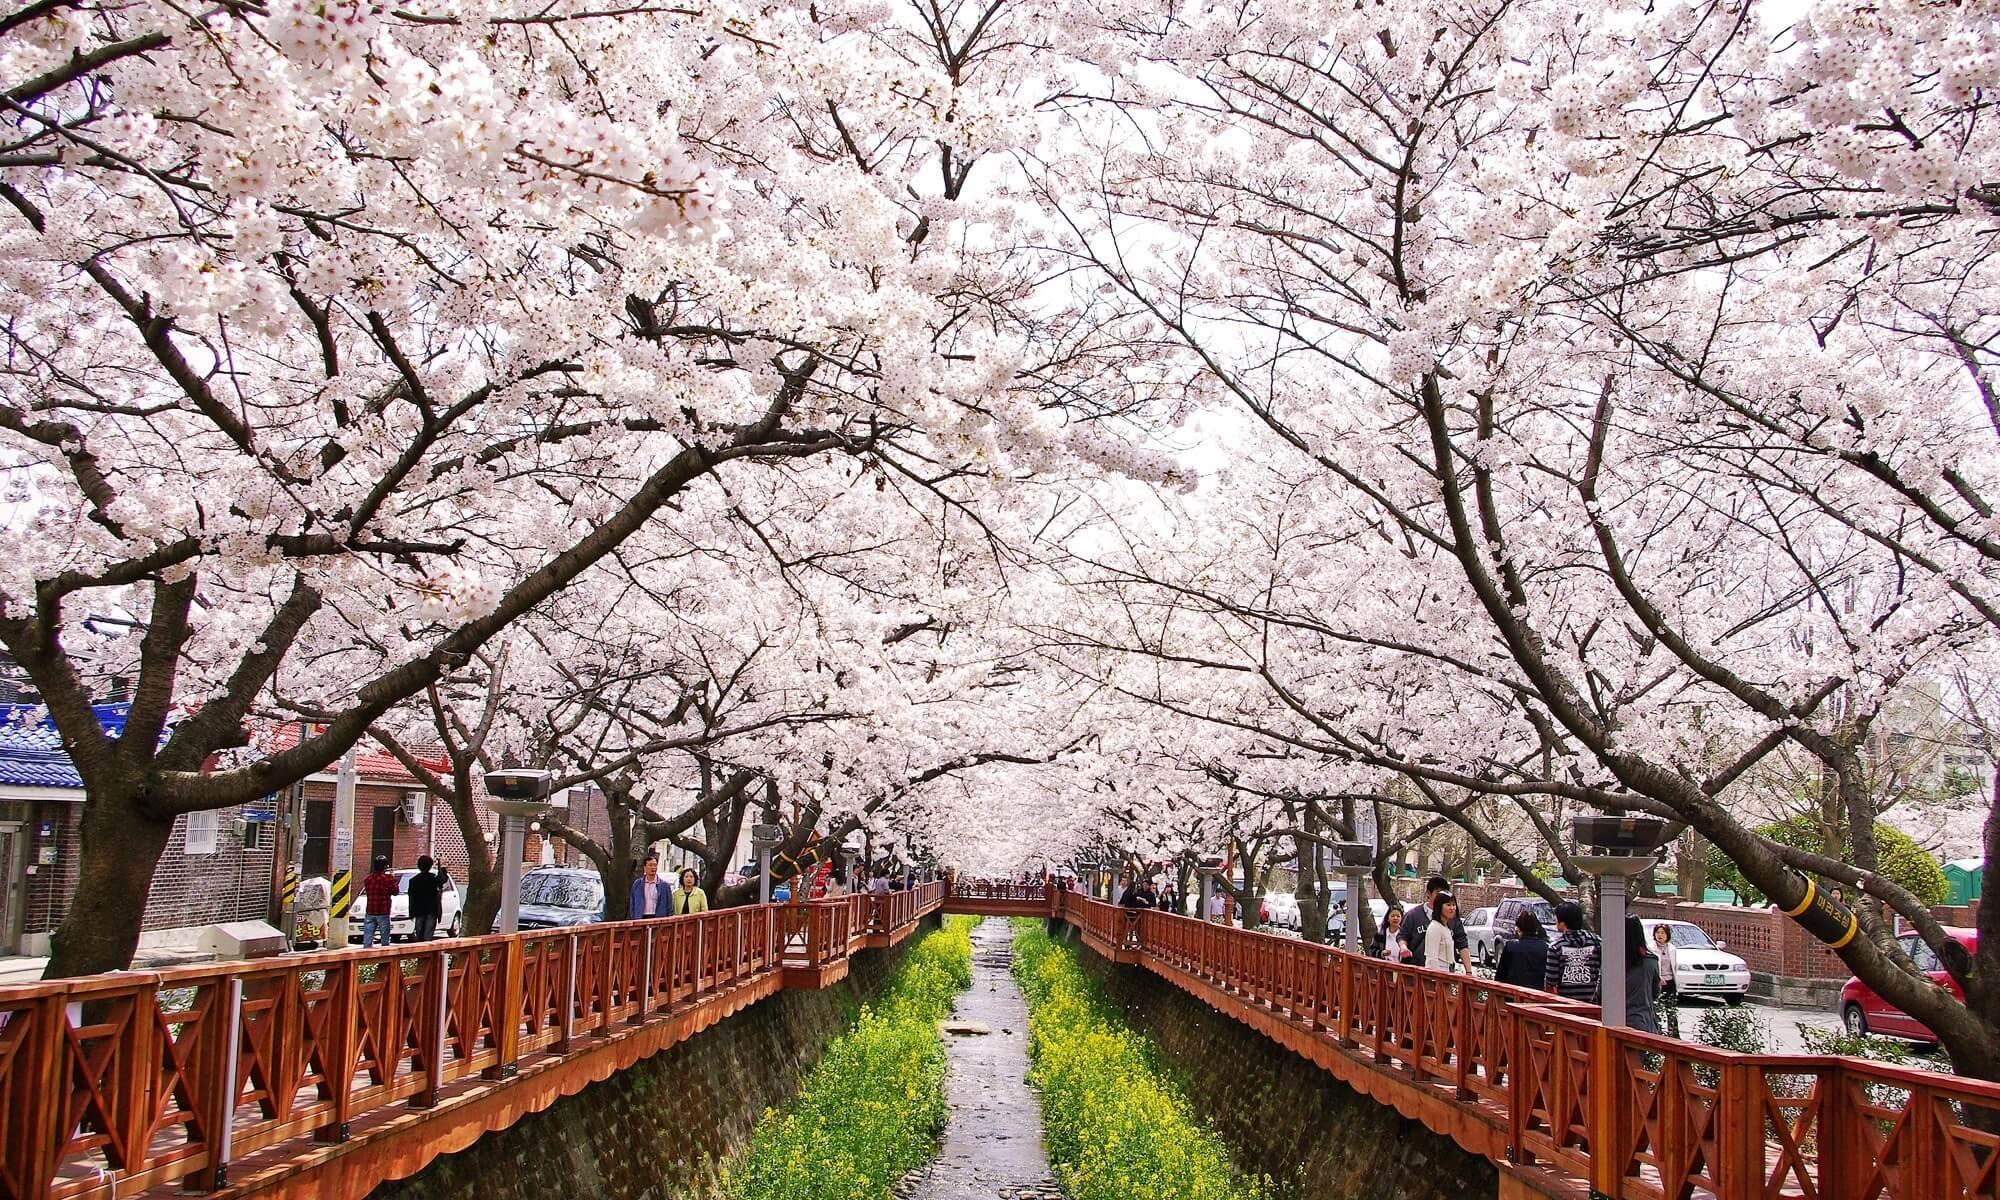 ทัวร์เกาหลี 4 ฤดู ฤดูไหนใช่ที่สุดสำหรับคุณ